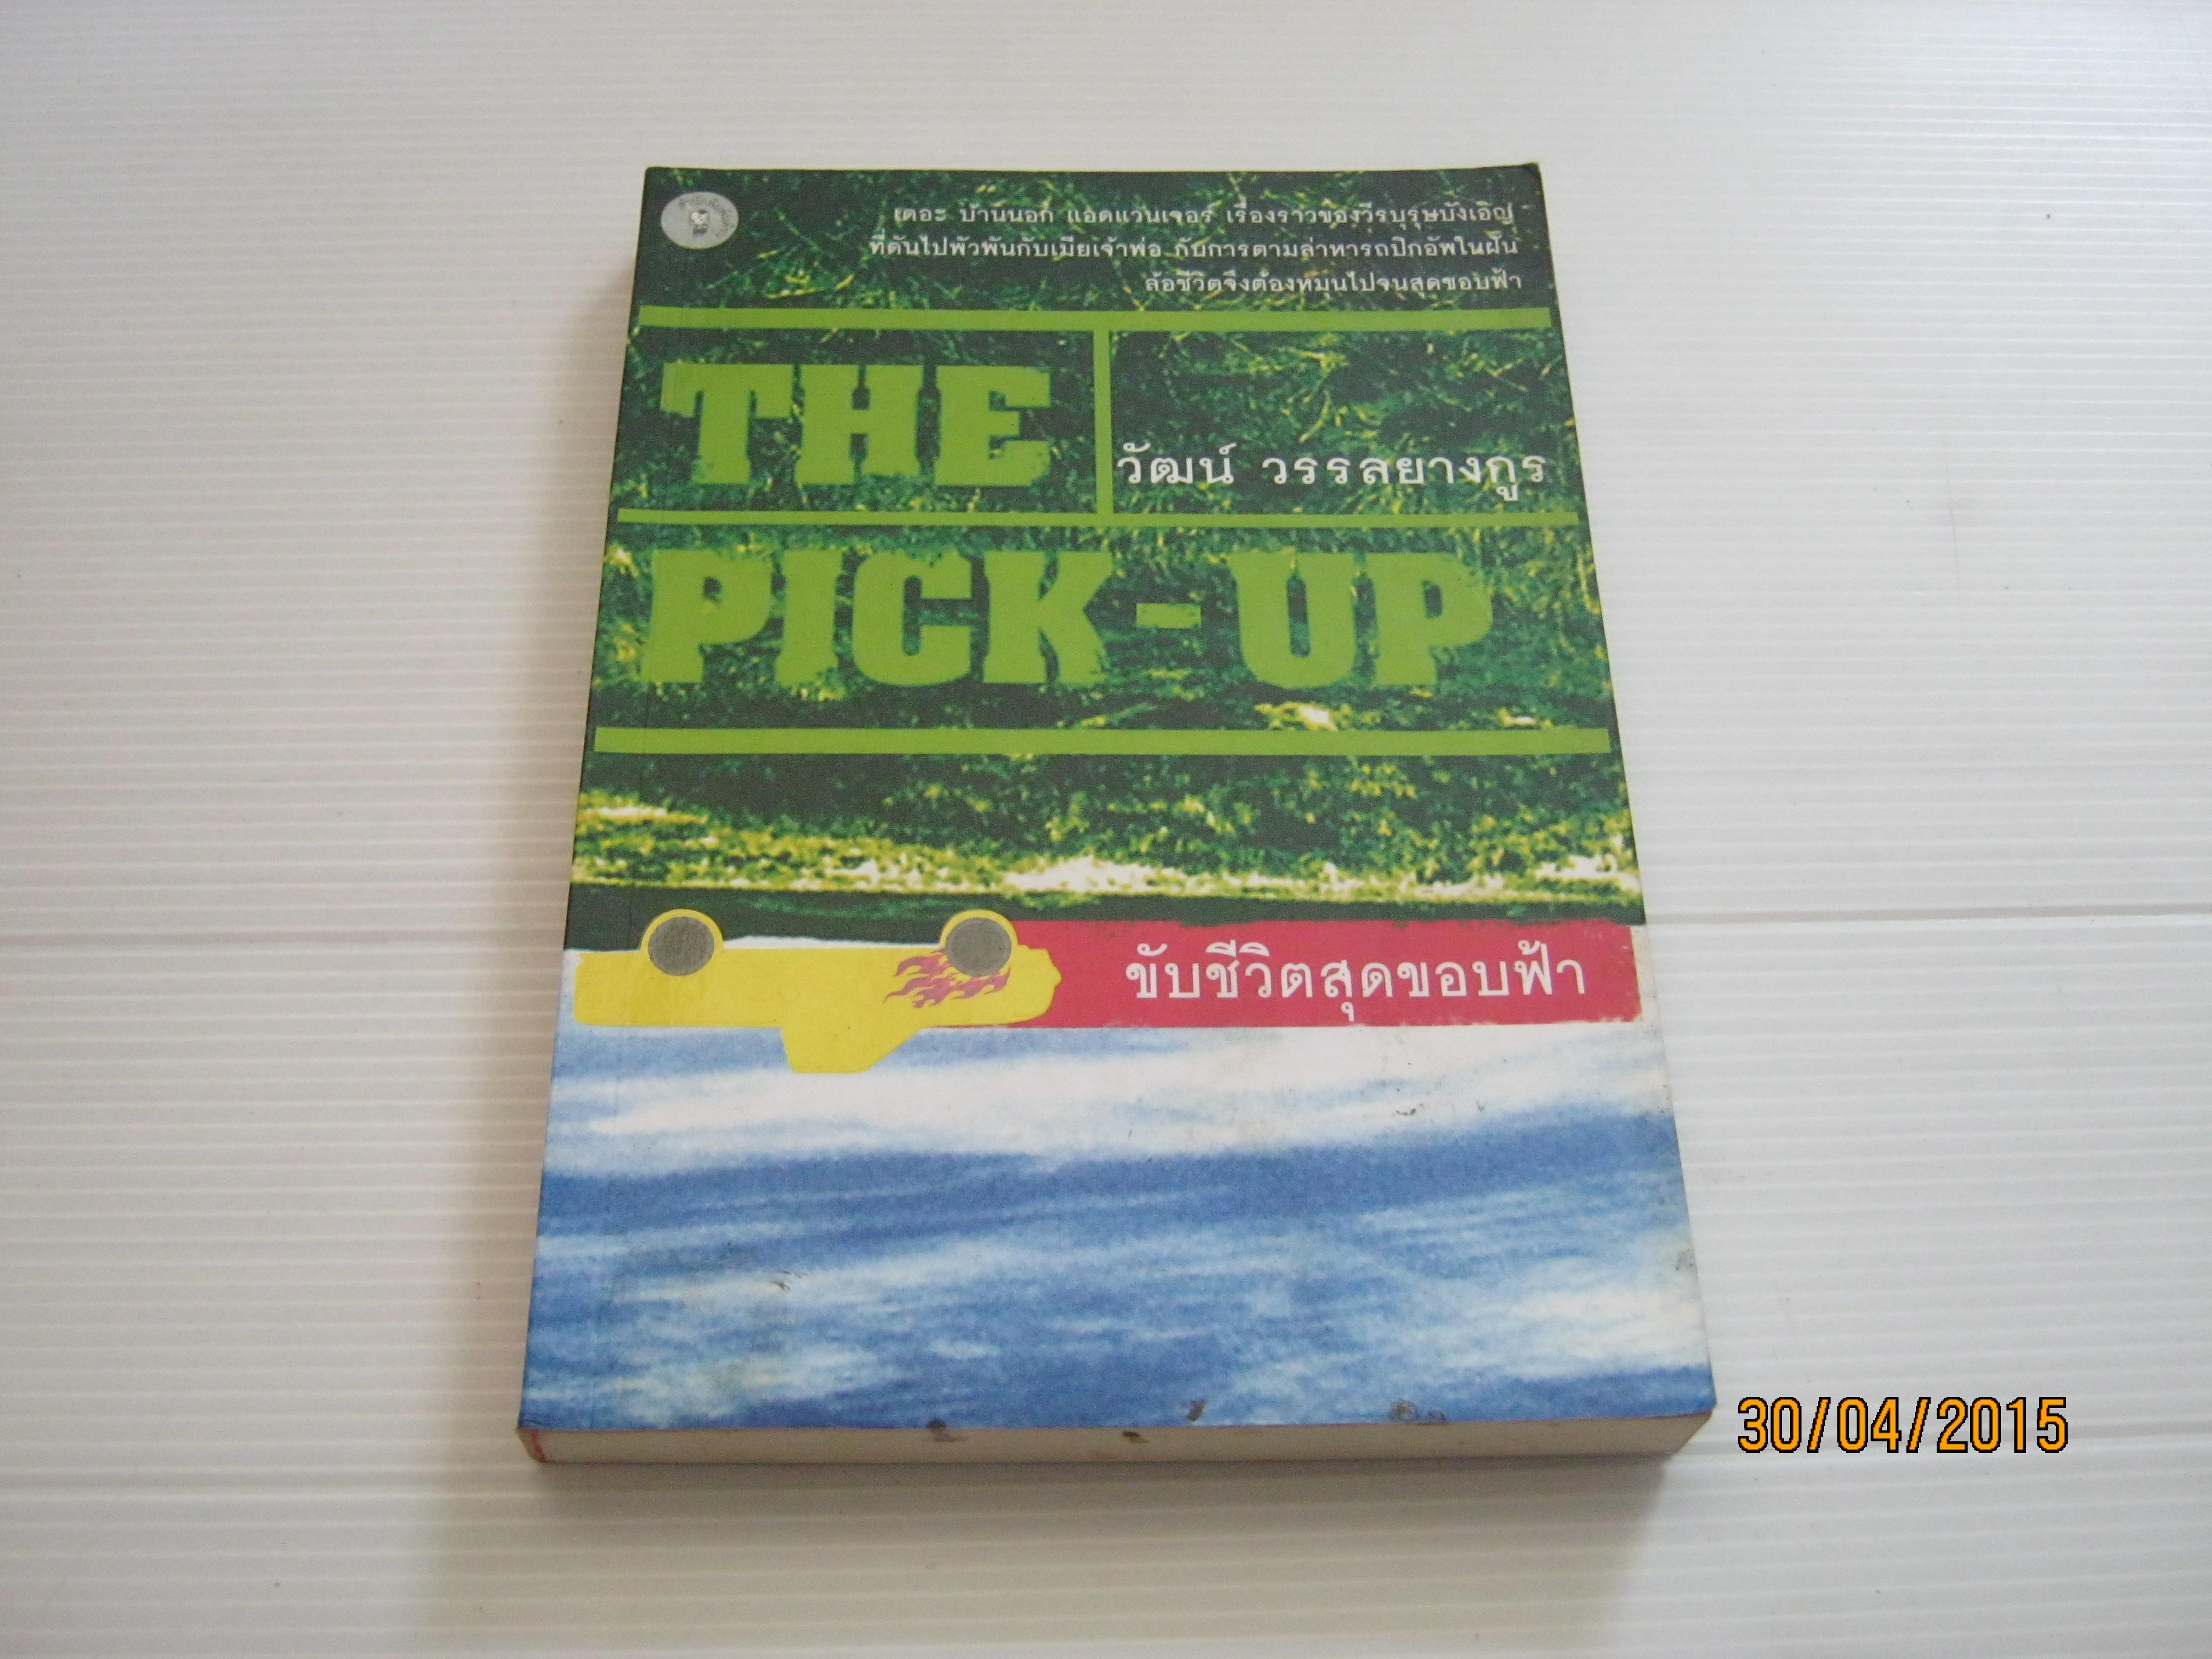 ขับชีวิตสุดขอบฟ้า (The Pick-Up) วัฒน์ วรรลยางกูร เขียน